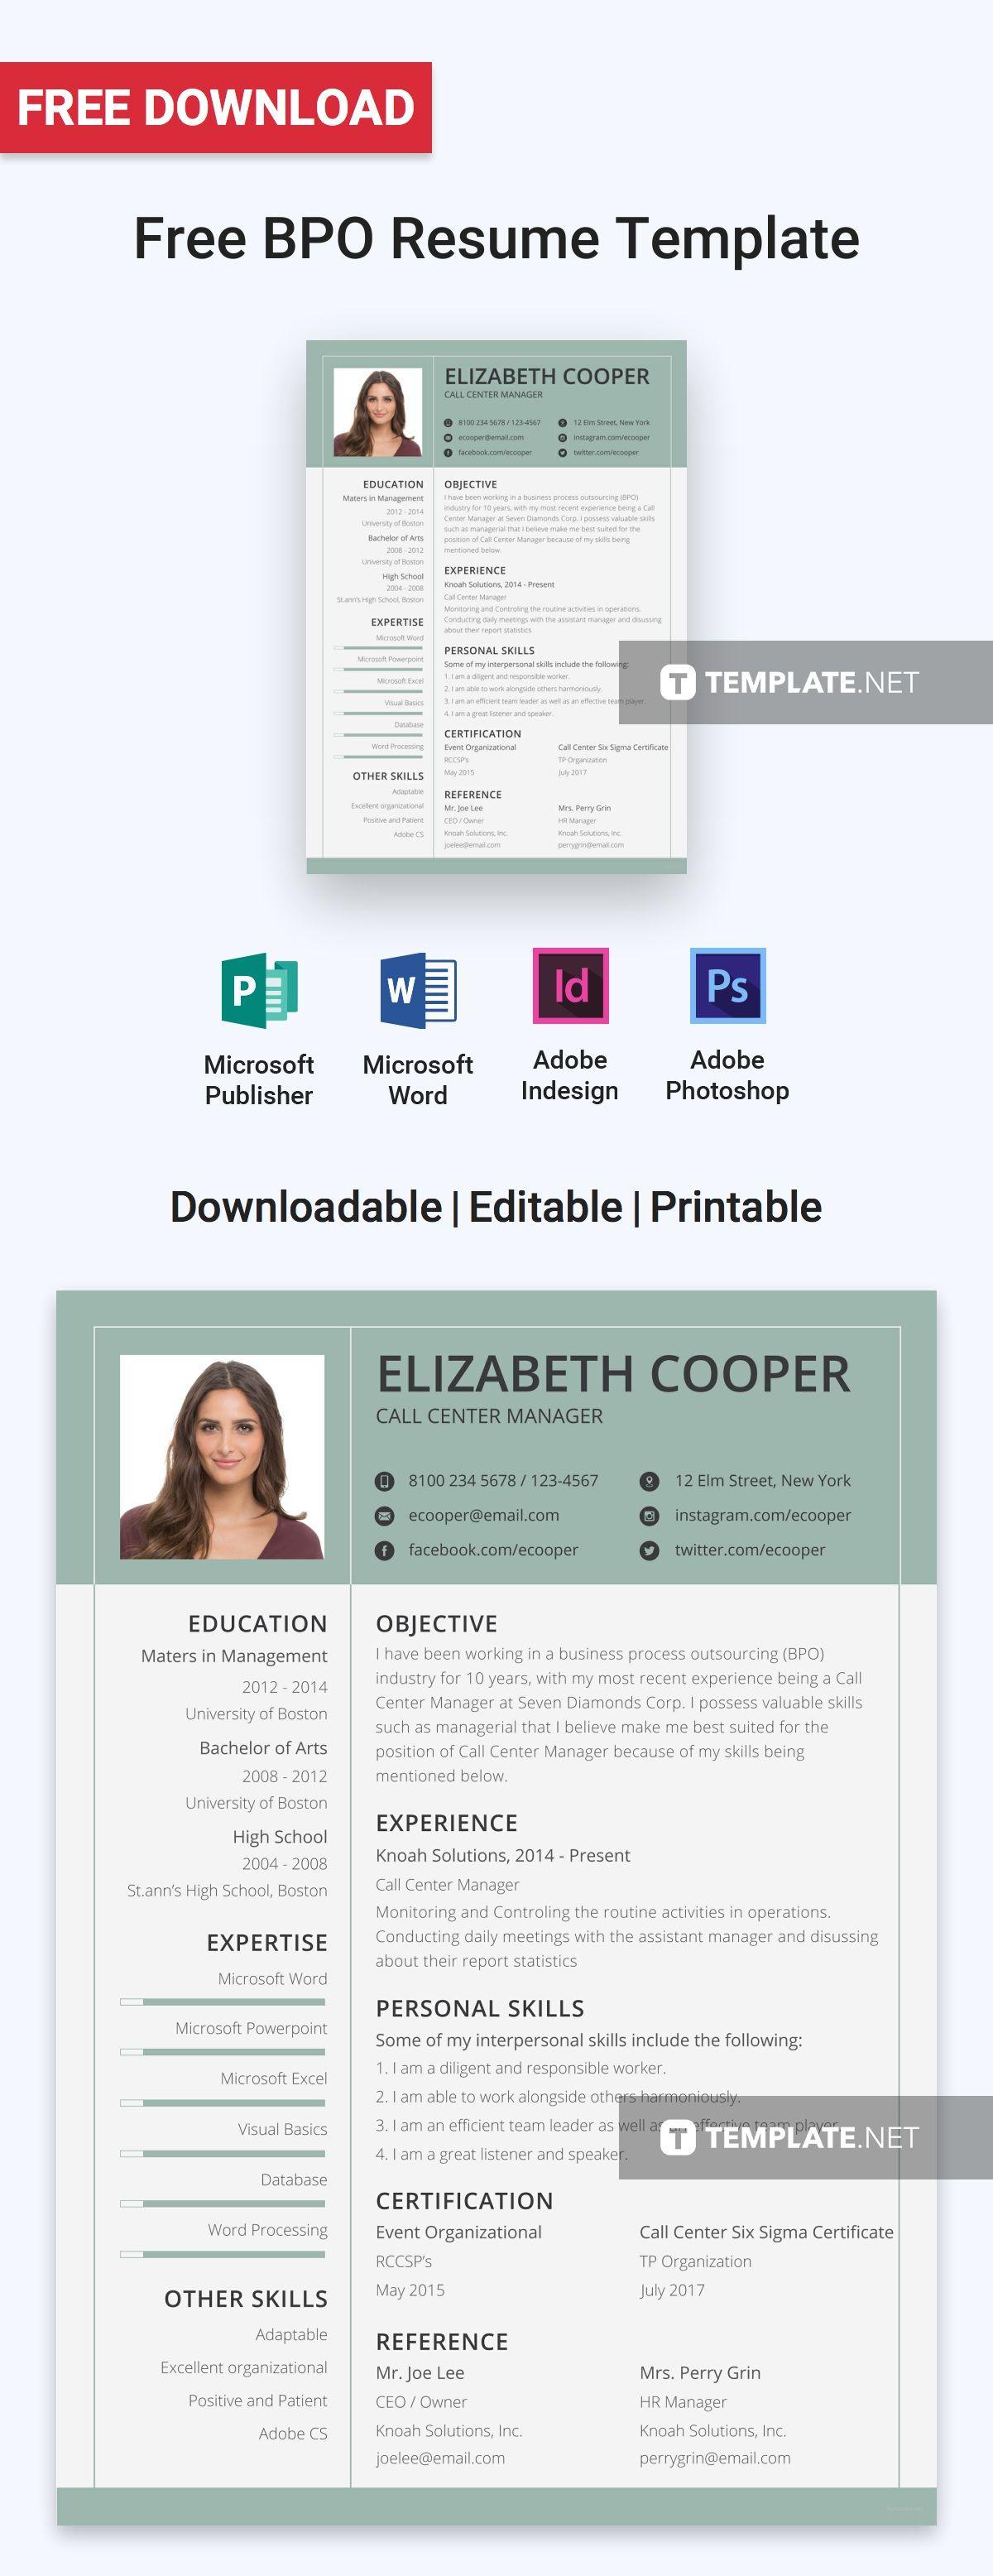 Resume Format For Bpo Jobs Free Bpo Resume  Portfoilo  Pinterest  Template